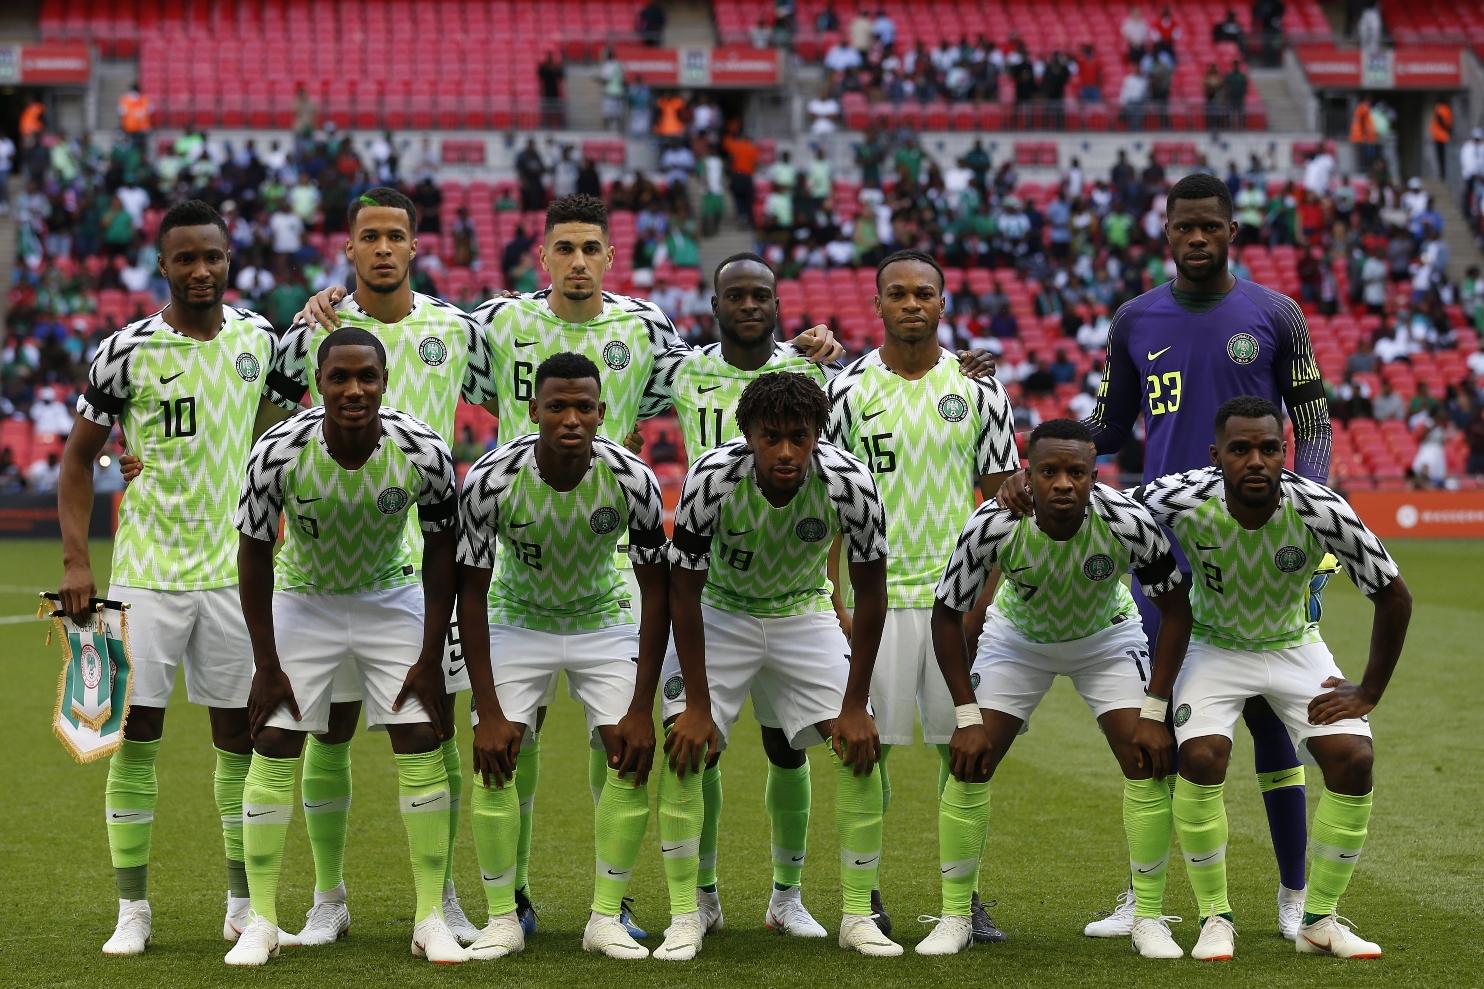 A seleção da Nigéria e seu uniforme que já nasceu icônico. Foto de Ian Kington (AFP)